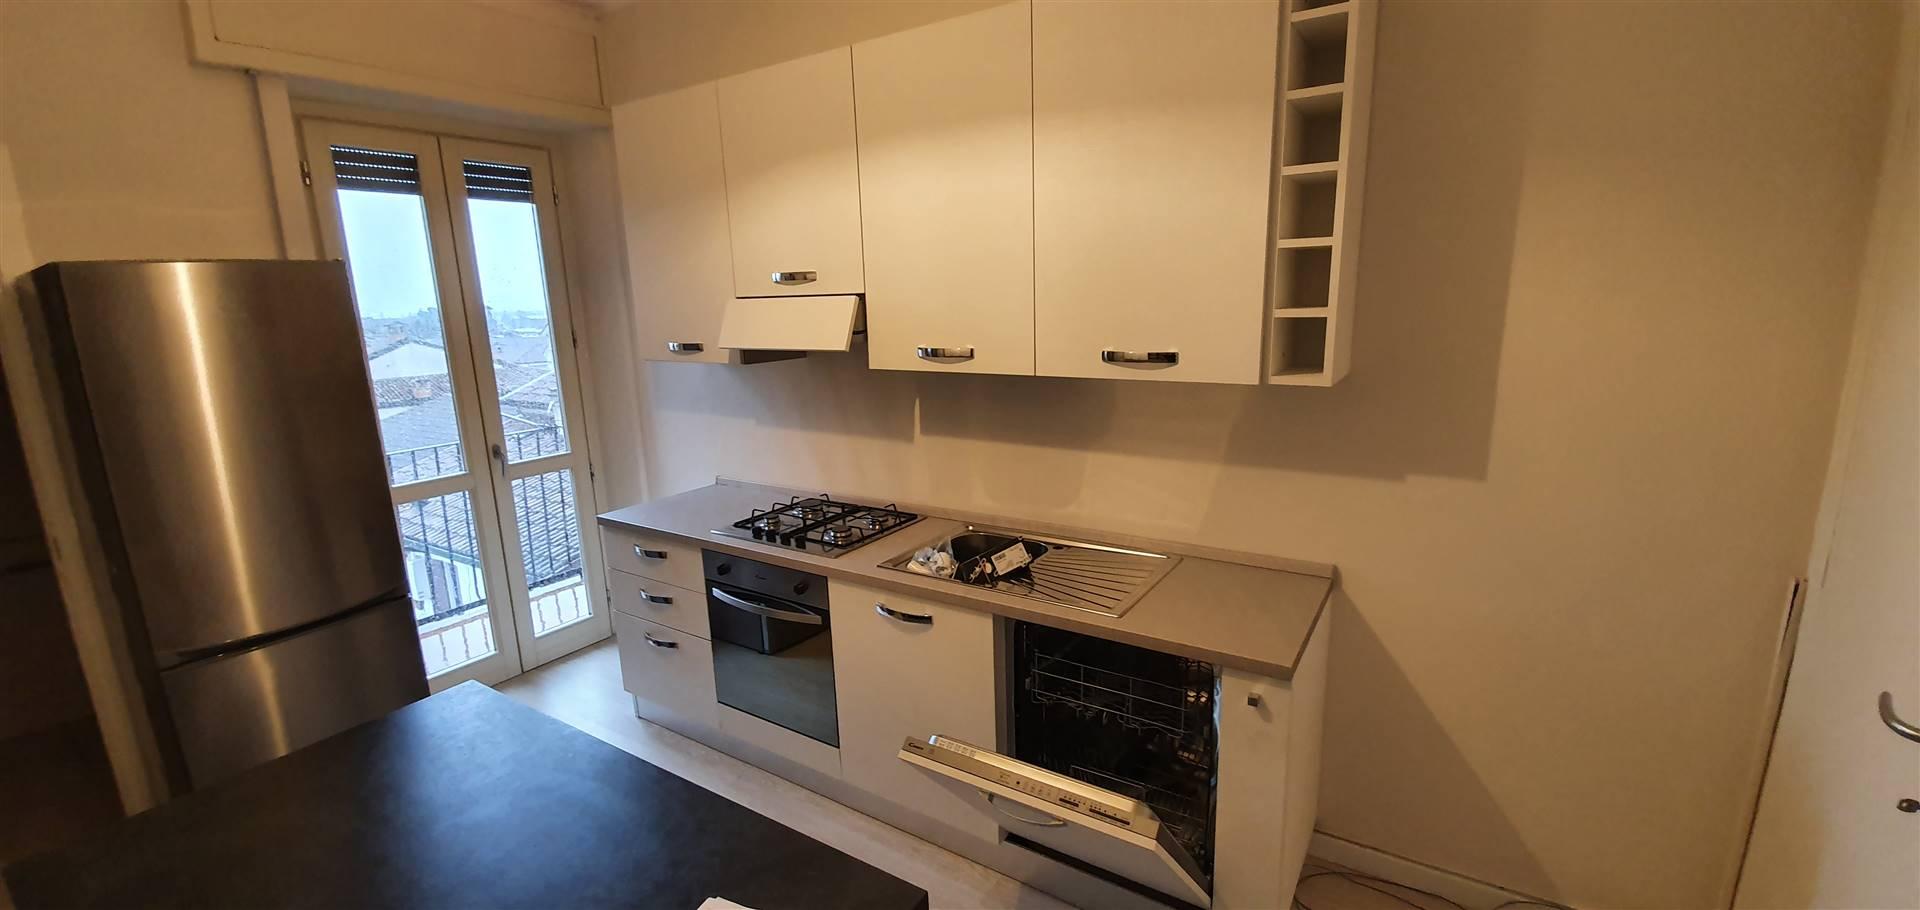 Appartamento in affitto a Soresina, 3 locali, prezzo € 450 | CambioCasa.it